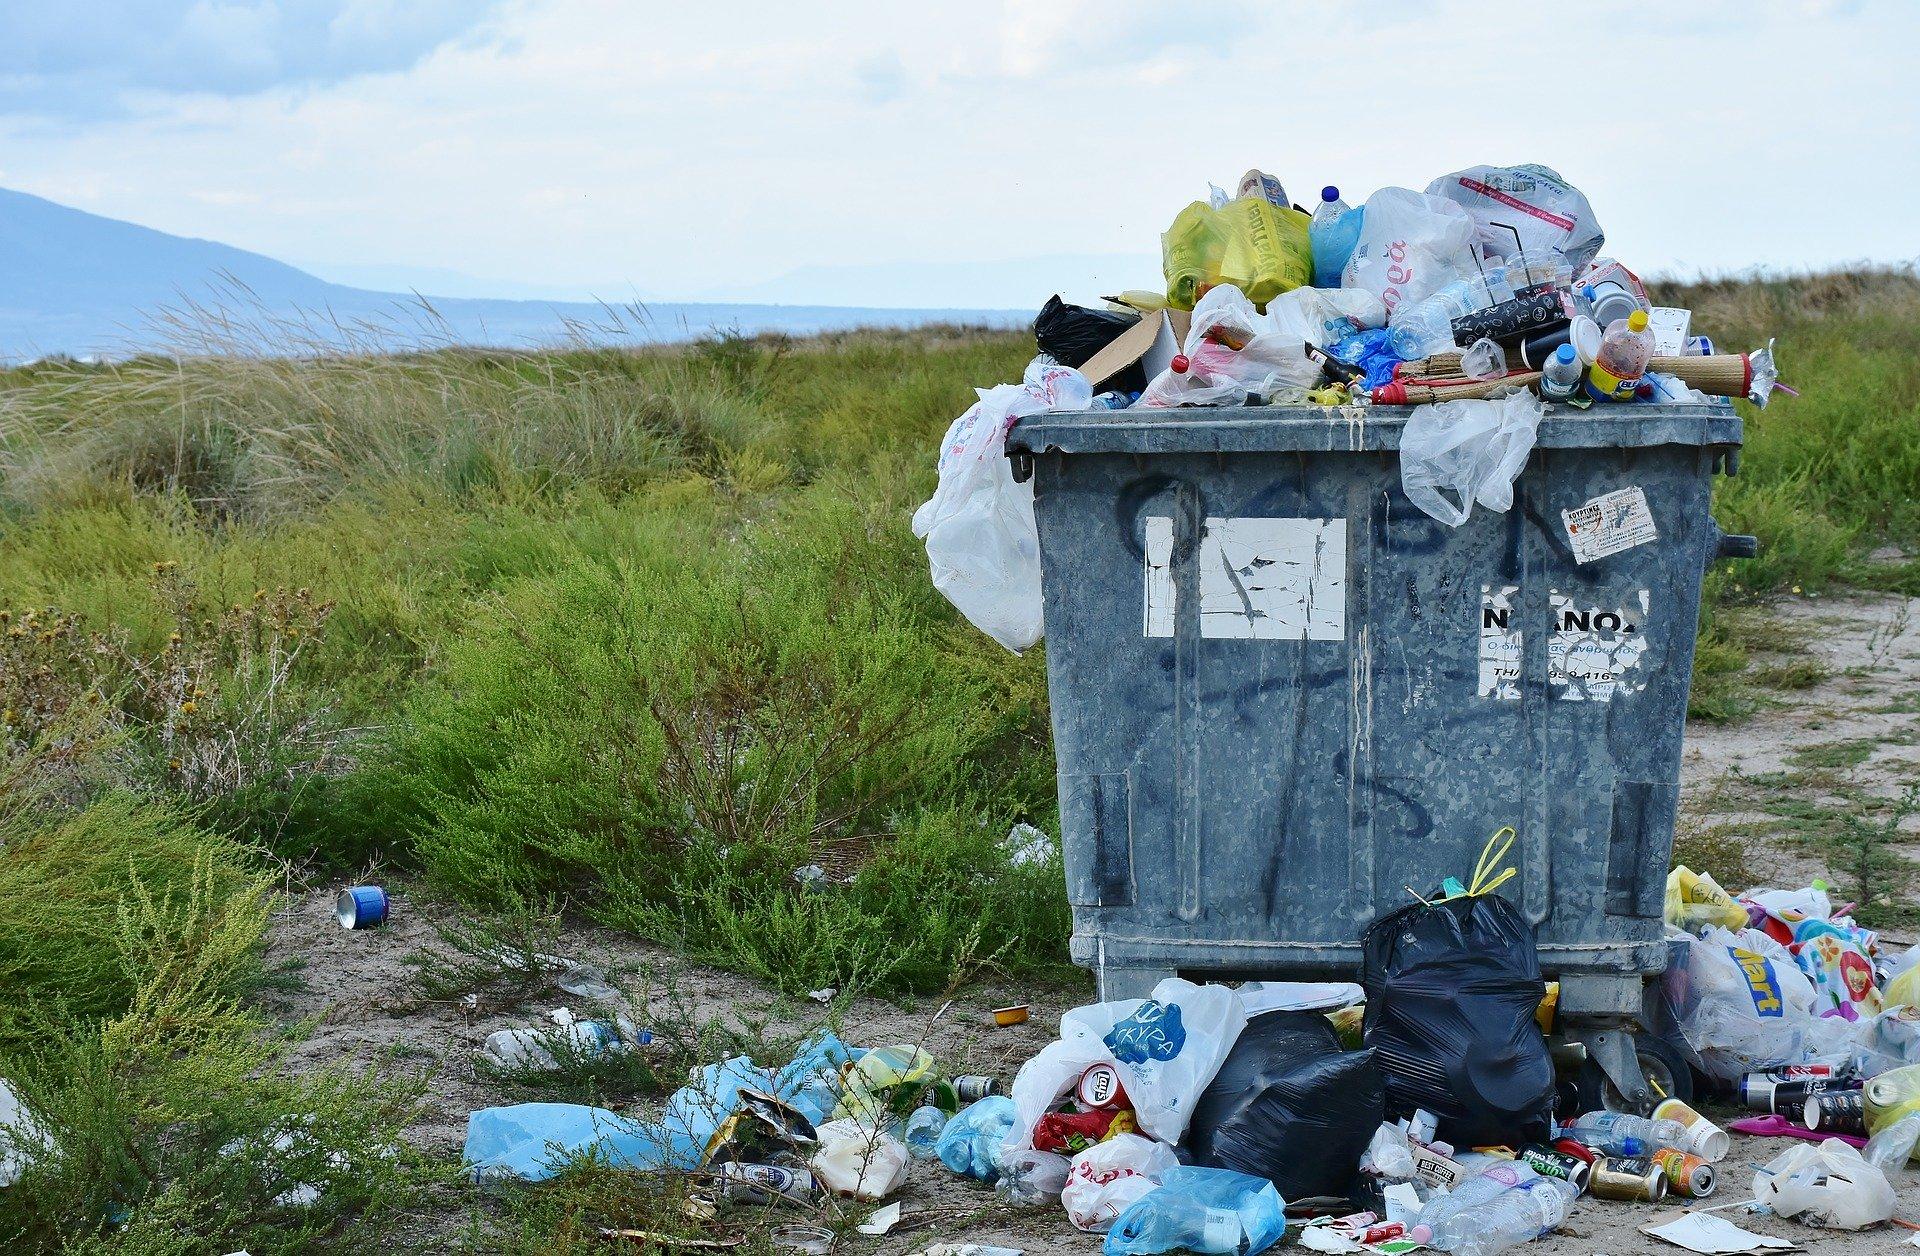 curbside waste - garbage